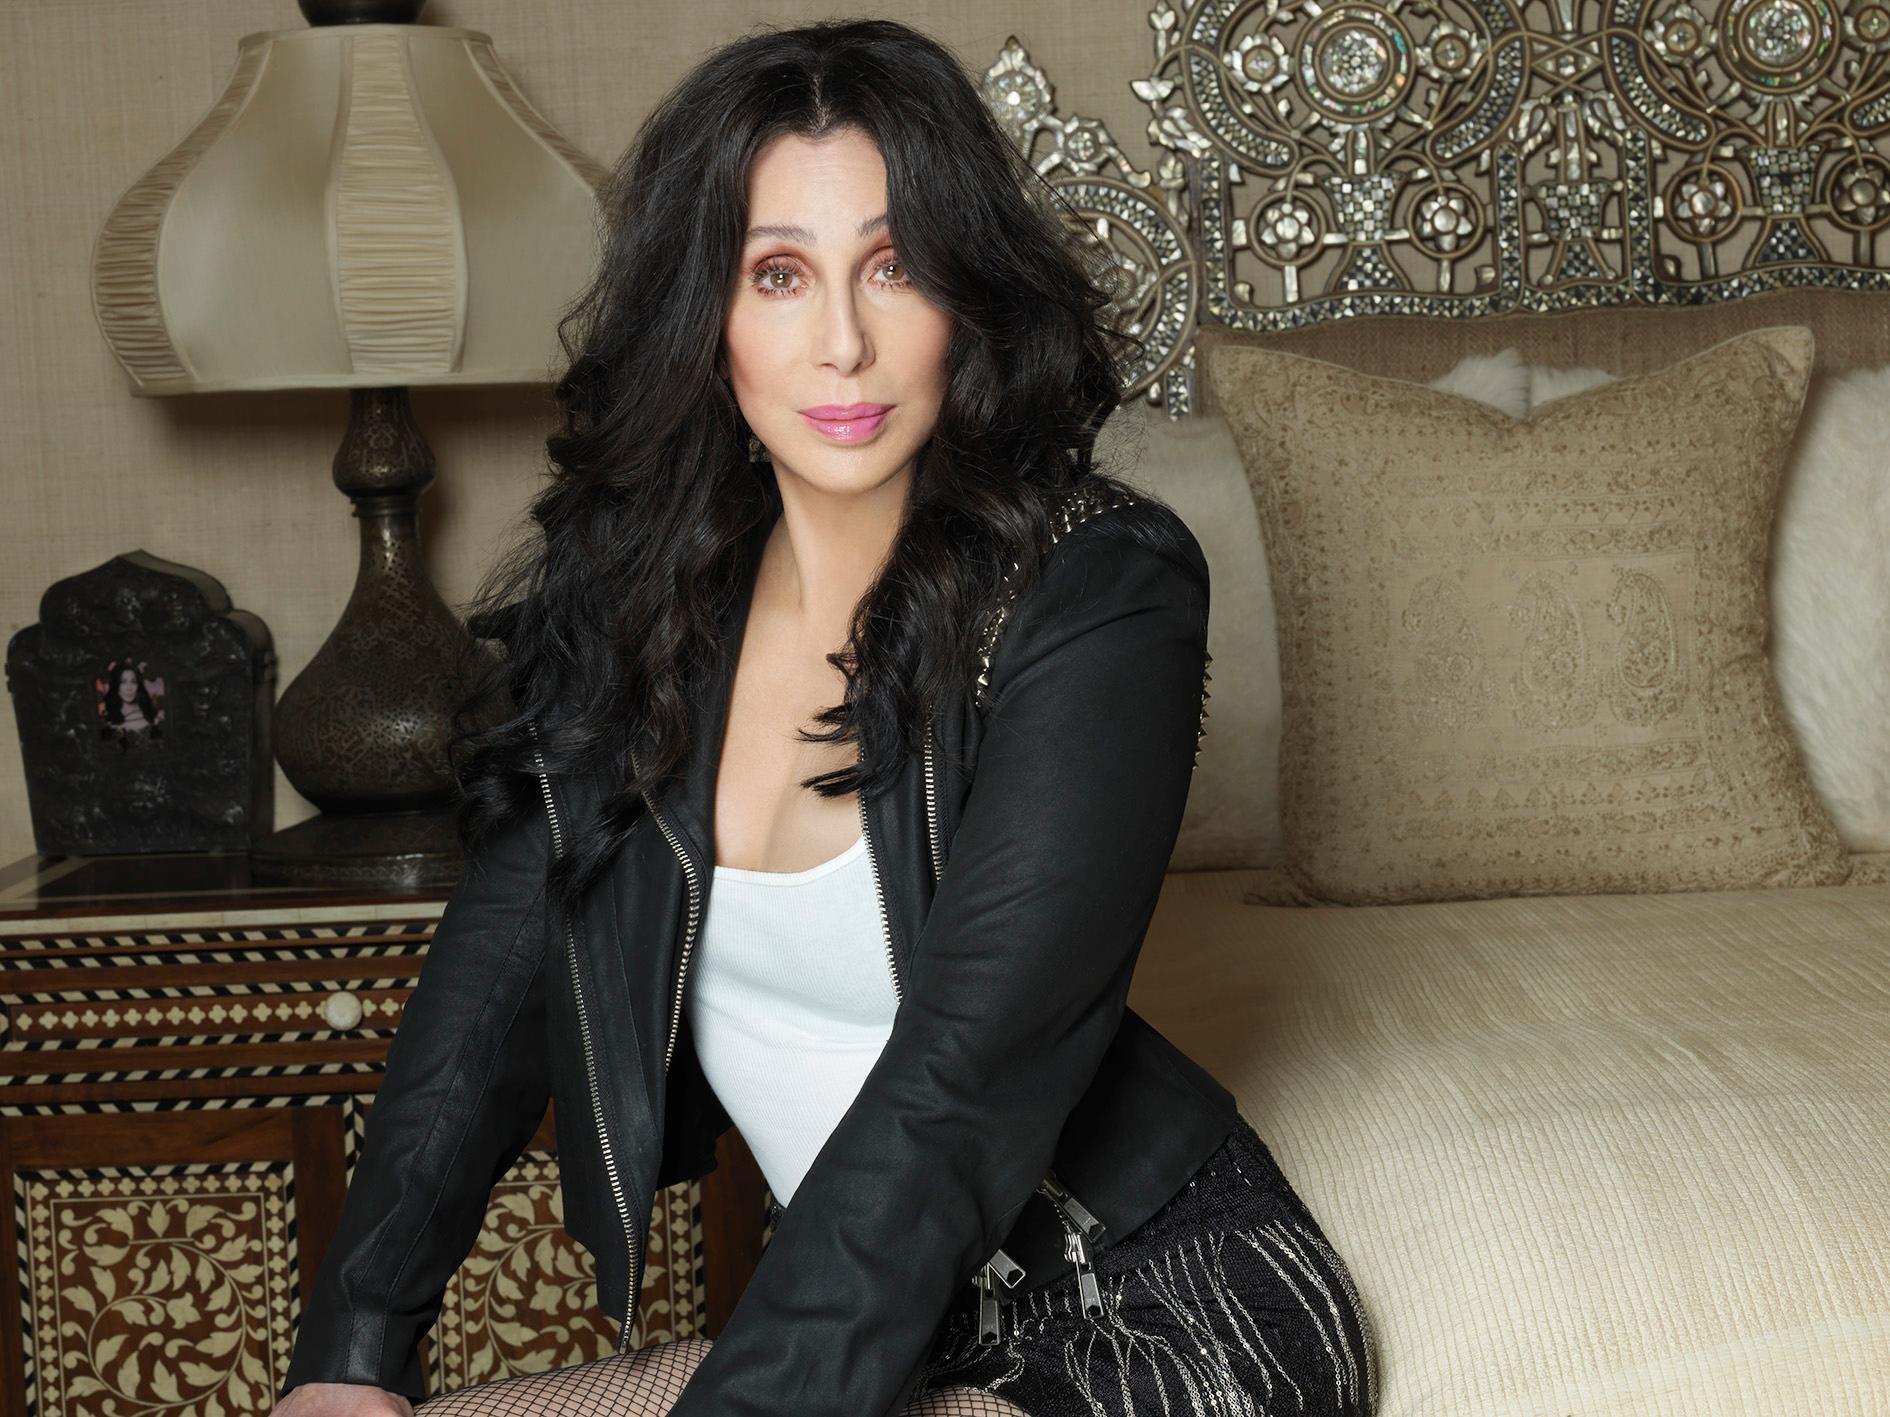 Cher_Publicity_Photo_25978